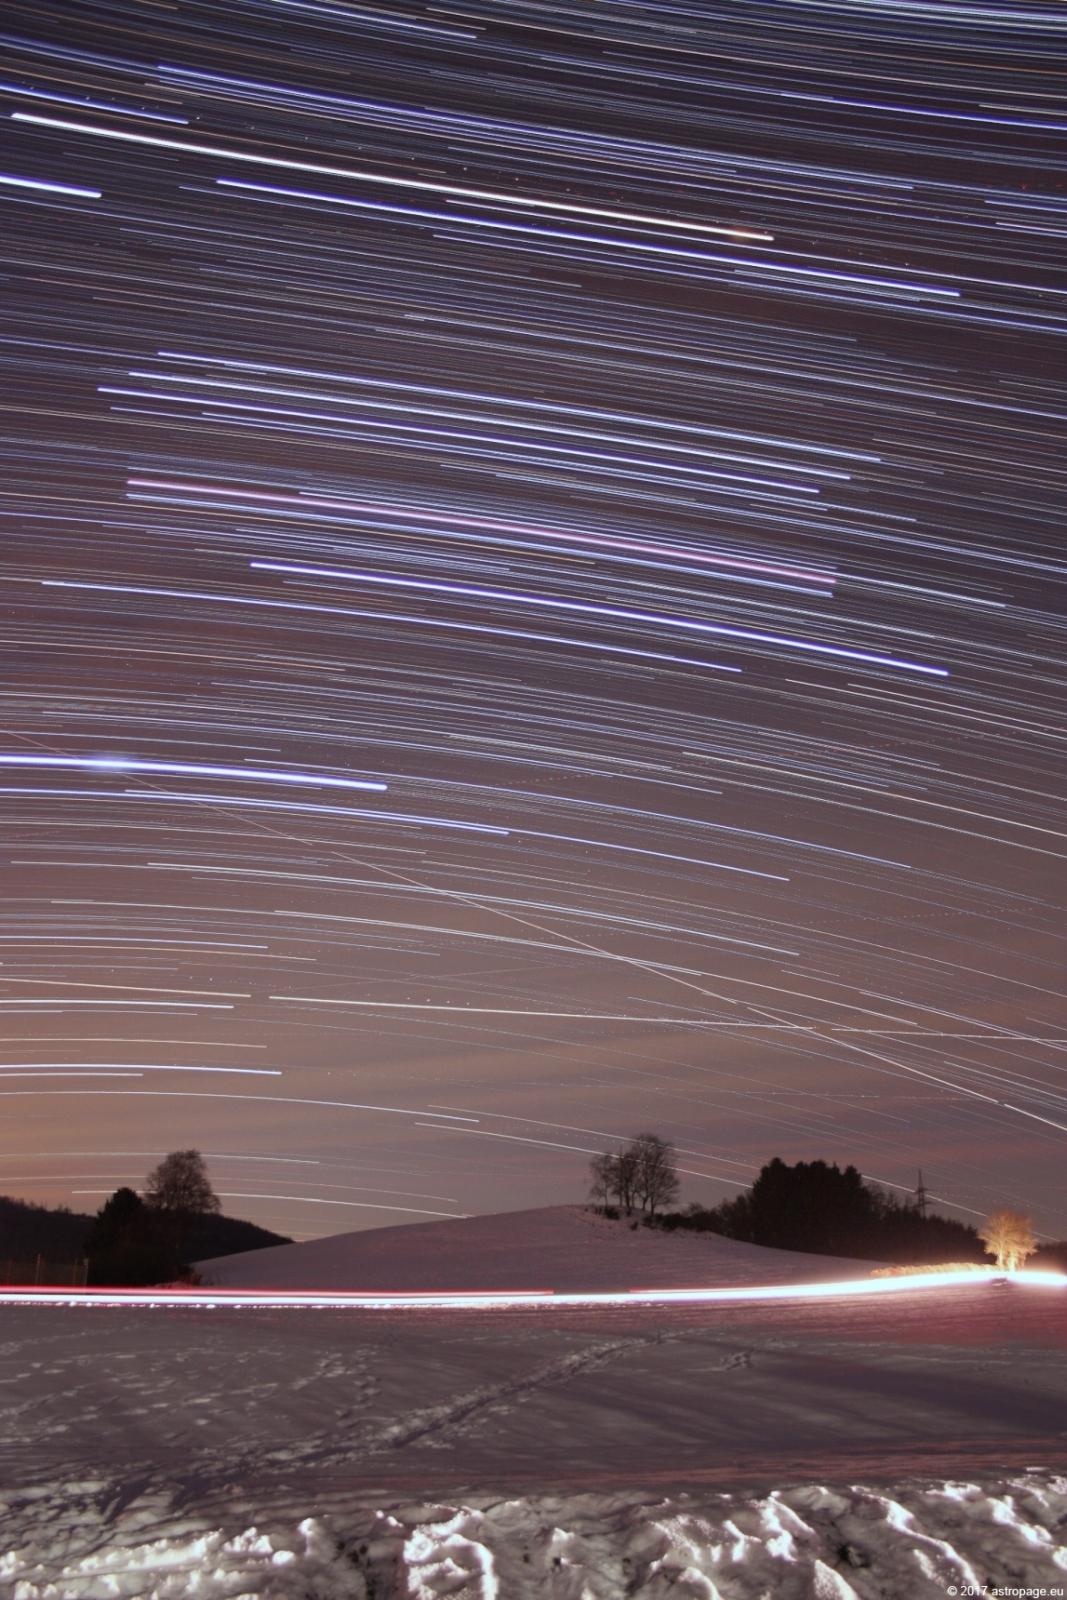 Sternstrichspuren vom 27. Januar 2017. (Credit: astropage.eu)